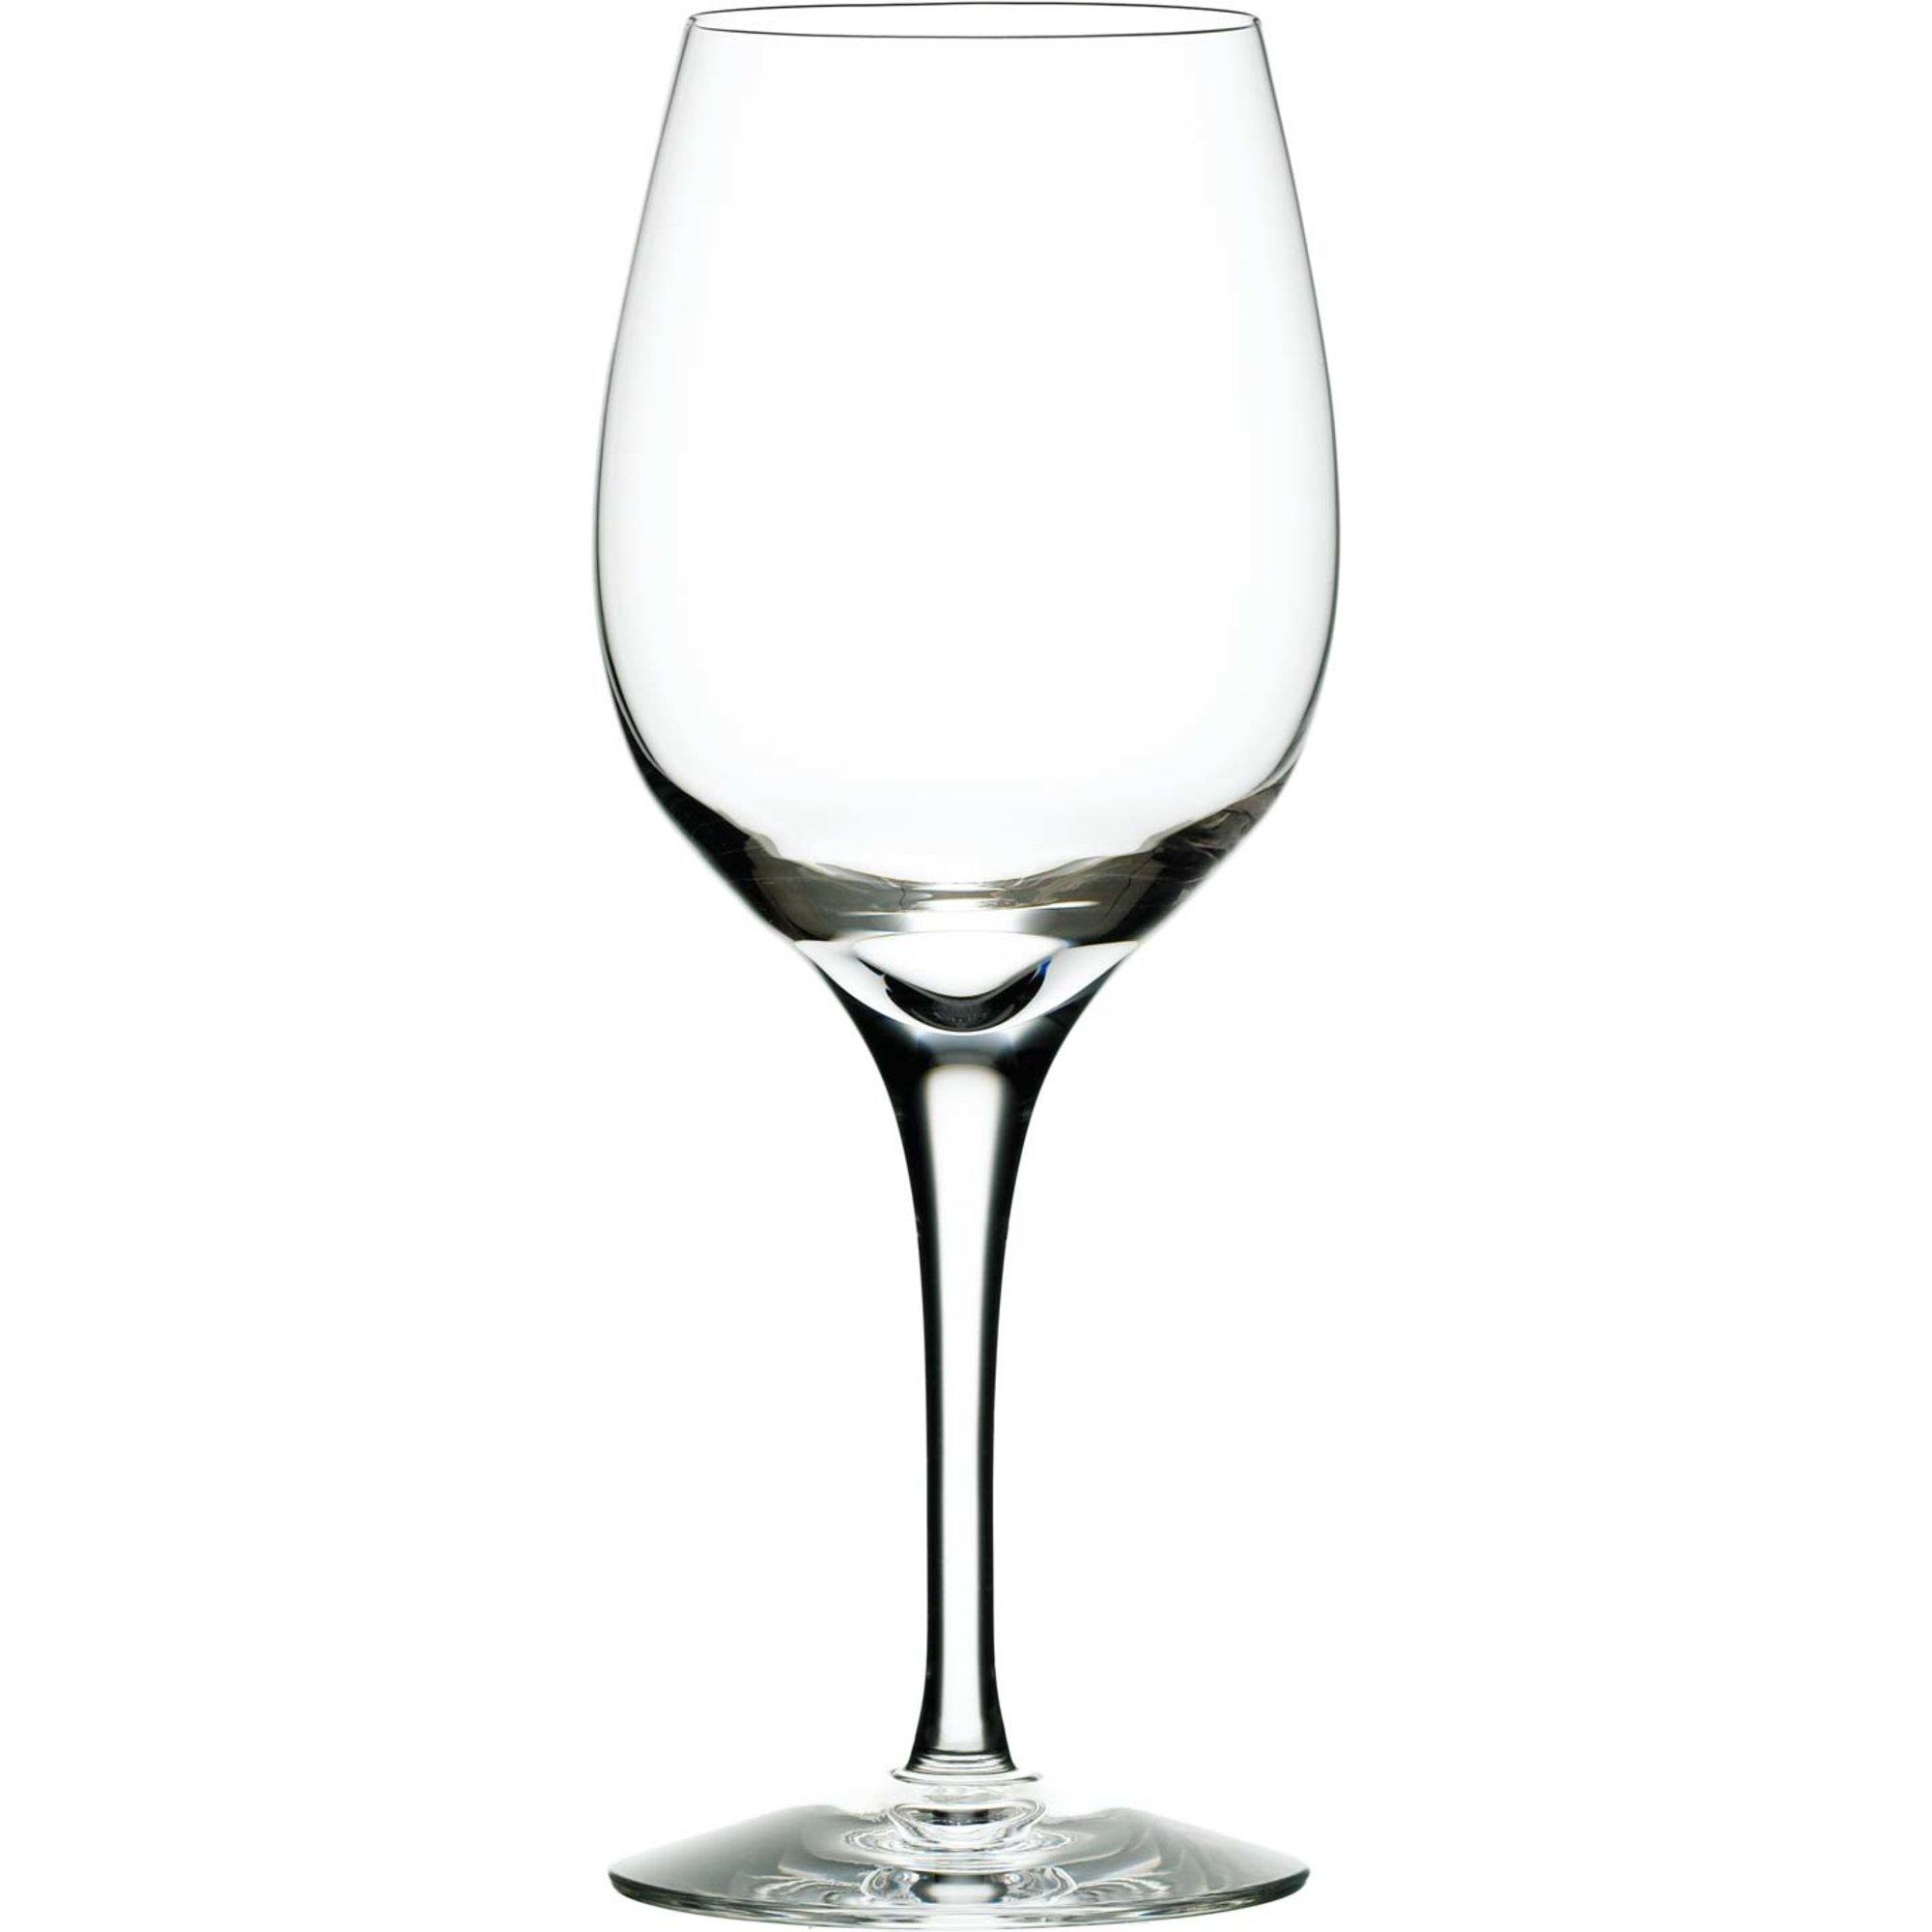 Orrefors Merlot Vitvinsglas 29 cl